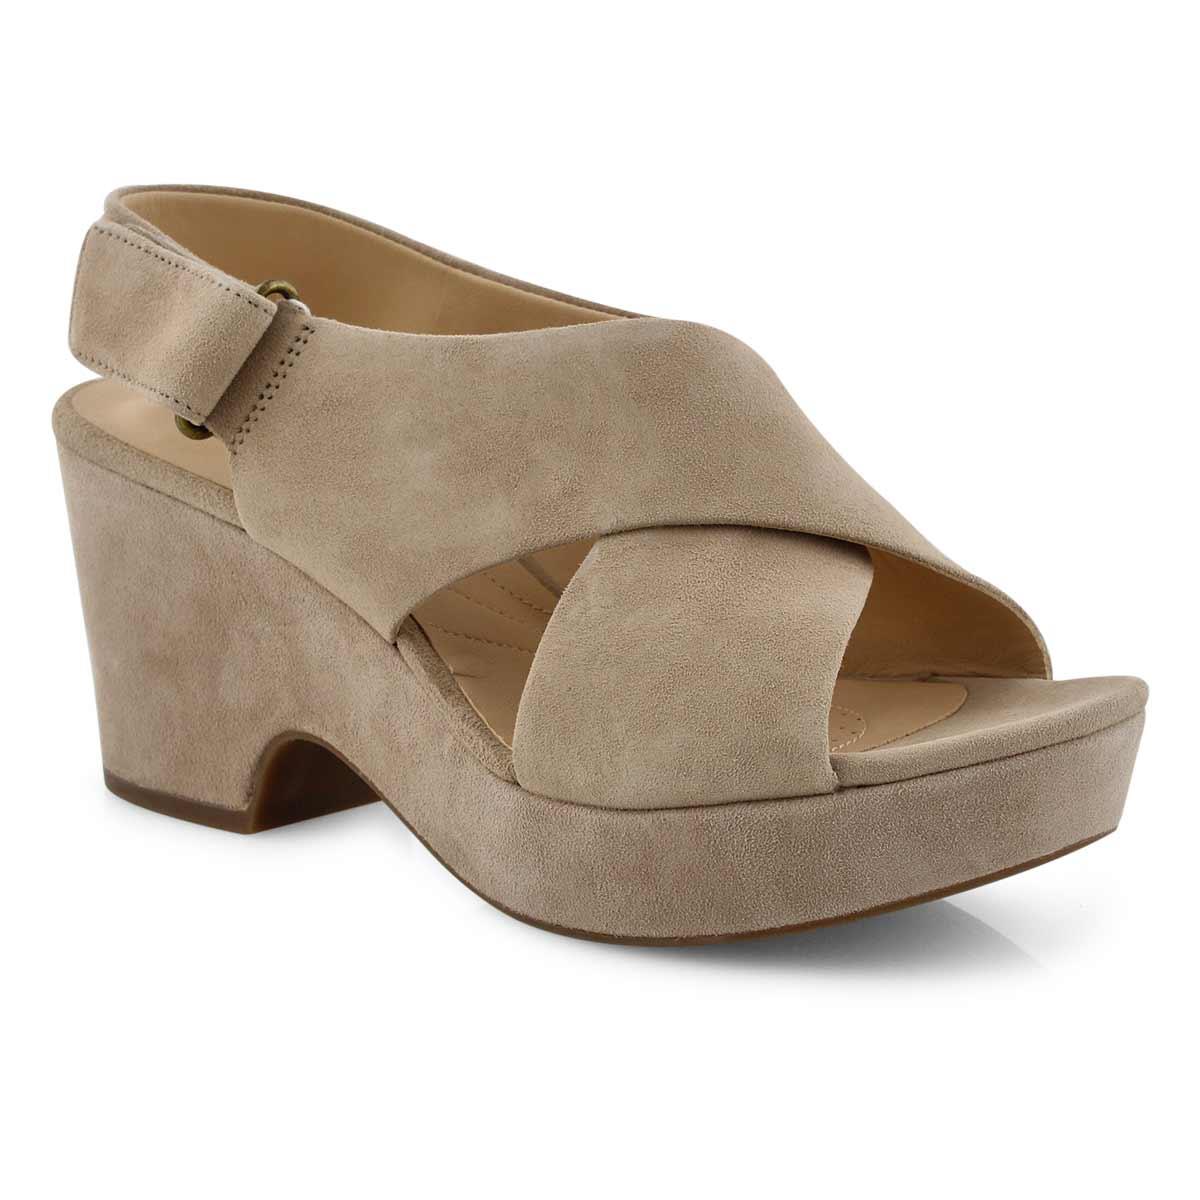 new appearance professional website classcic Women's MARITSA LARA sand dress sandals